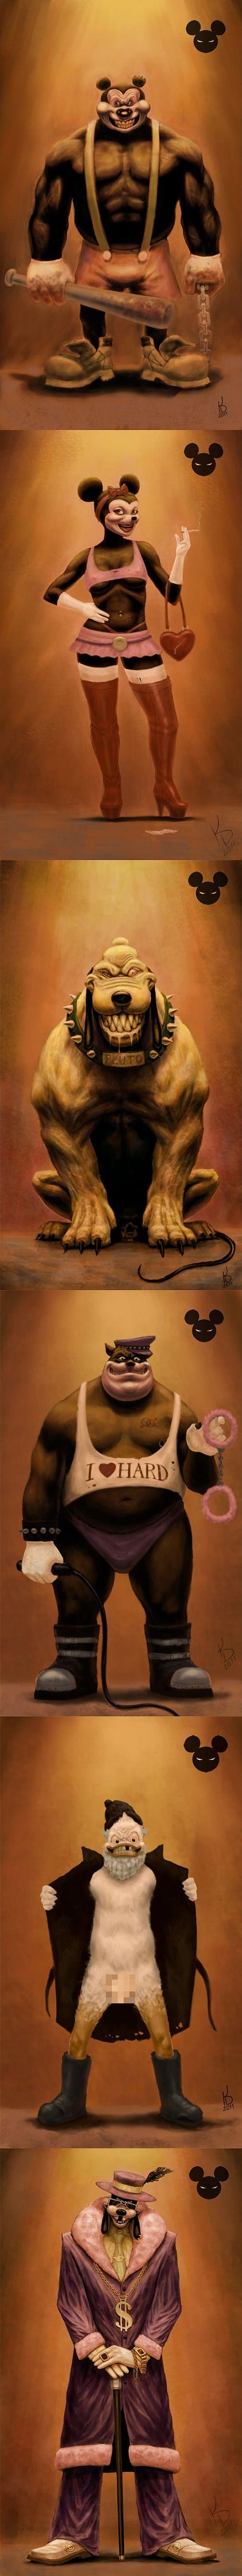 Et si les personnages de Disney étaient tous des vrais méchants ?